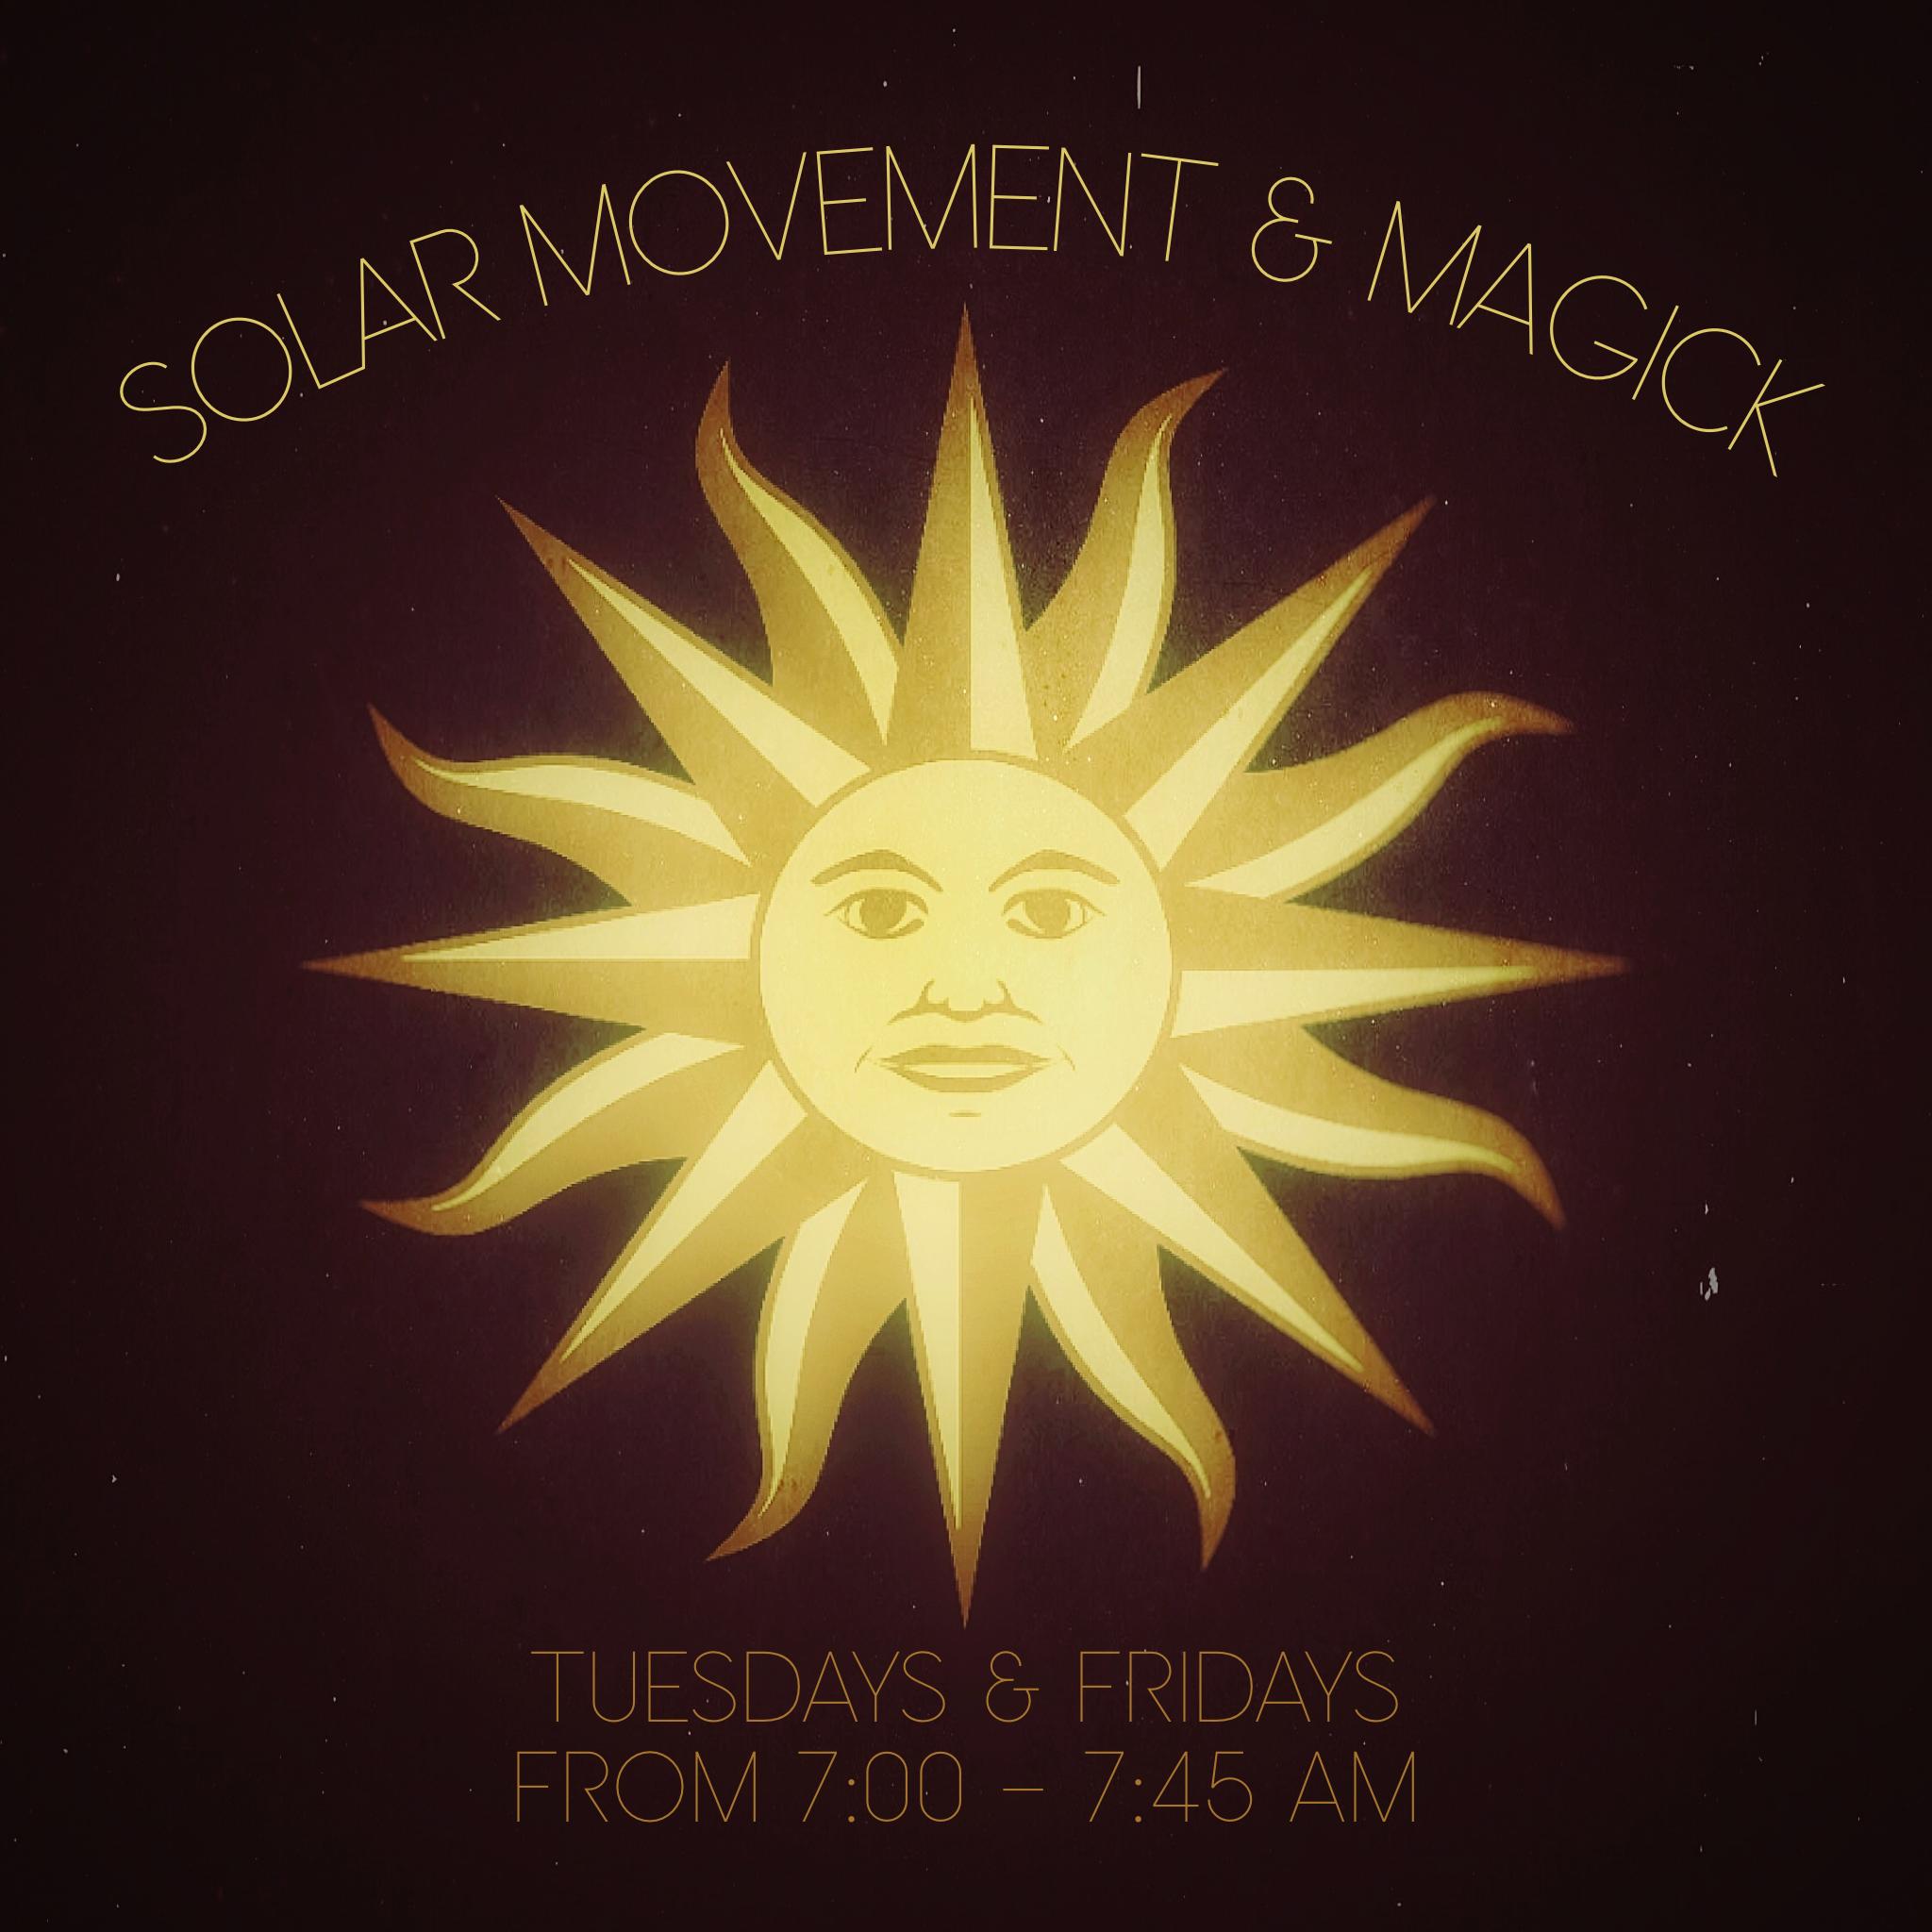 Solar Movement & Magick